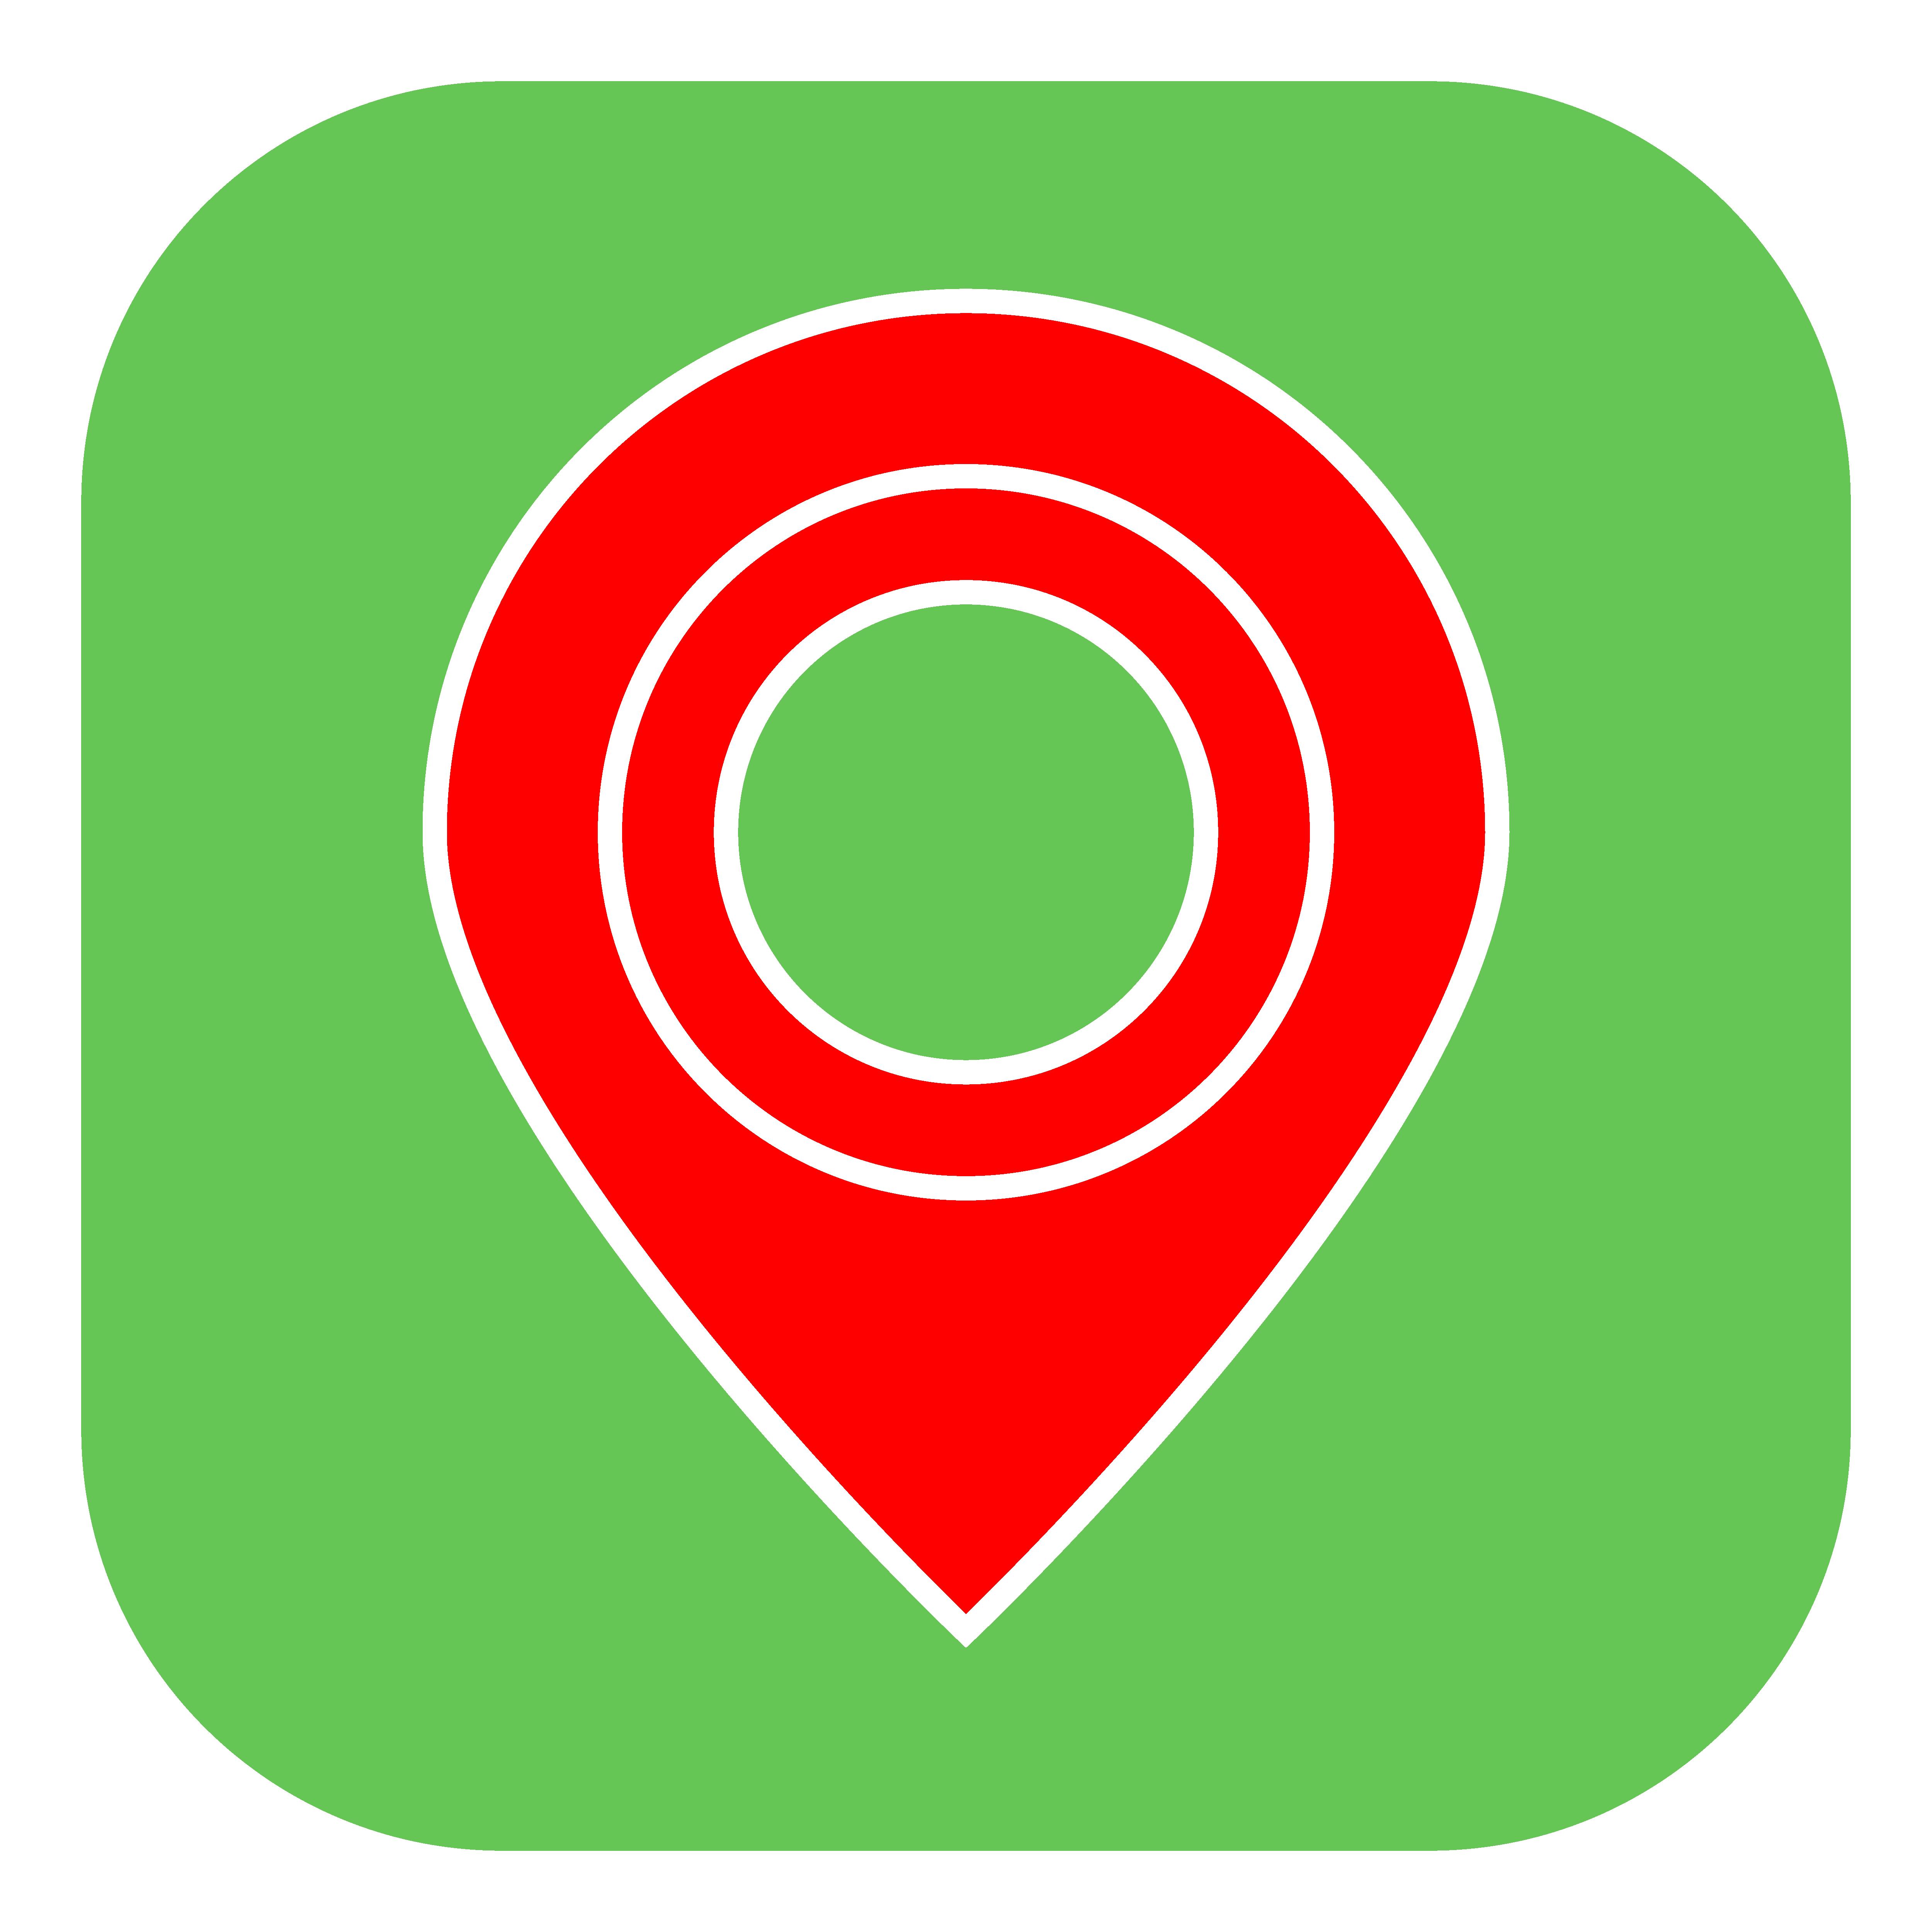 Разработать логотип и экран загрузки приложения фото f_6285a9a94f430abb.png